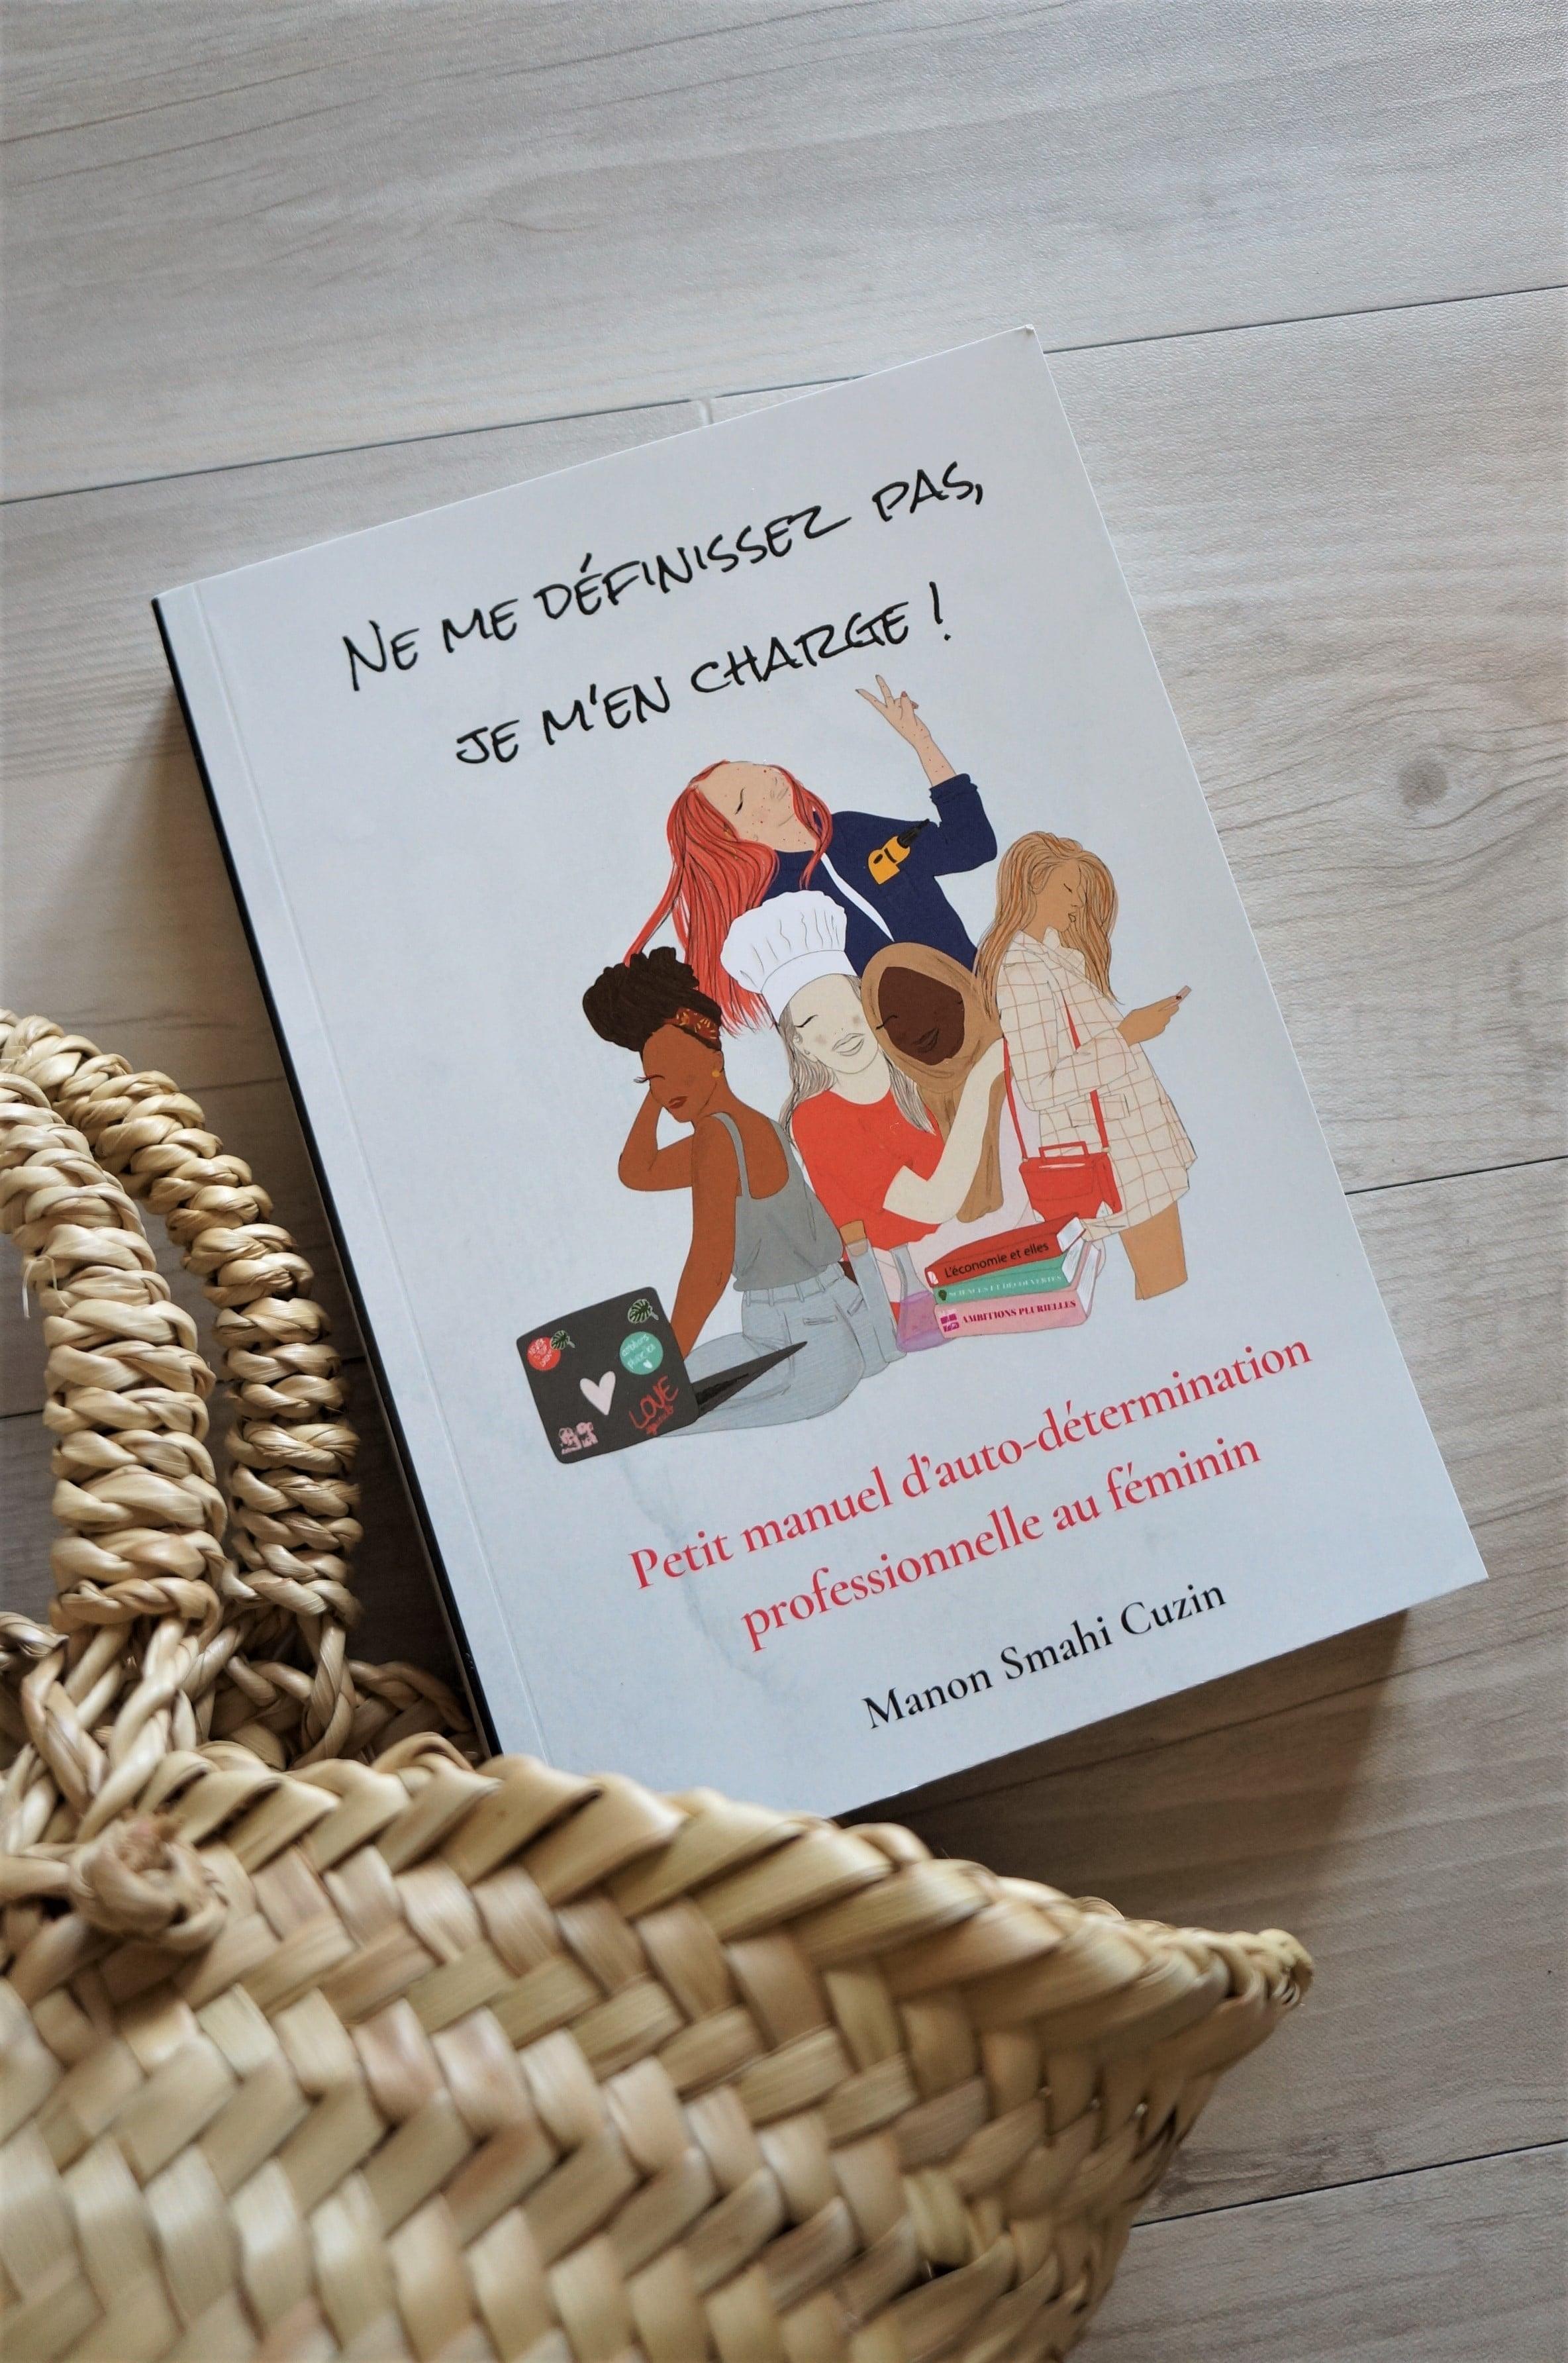 Le livre Ne me définissez pas, je m'en charge - Petit manuel d'auto-détermination professionnelle au féminin - Manon Smahi Cuzin - Ambitions Plurielles